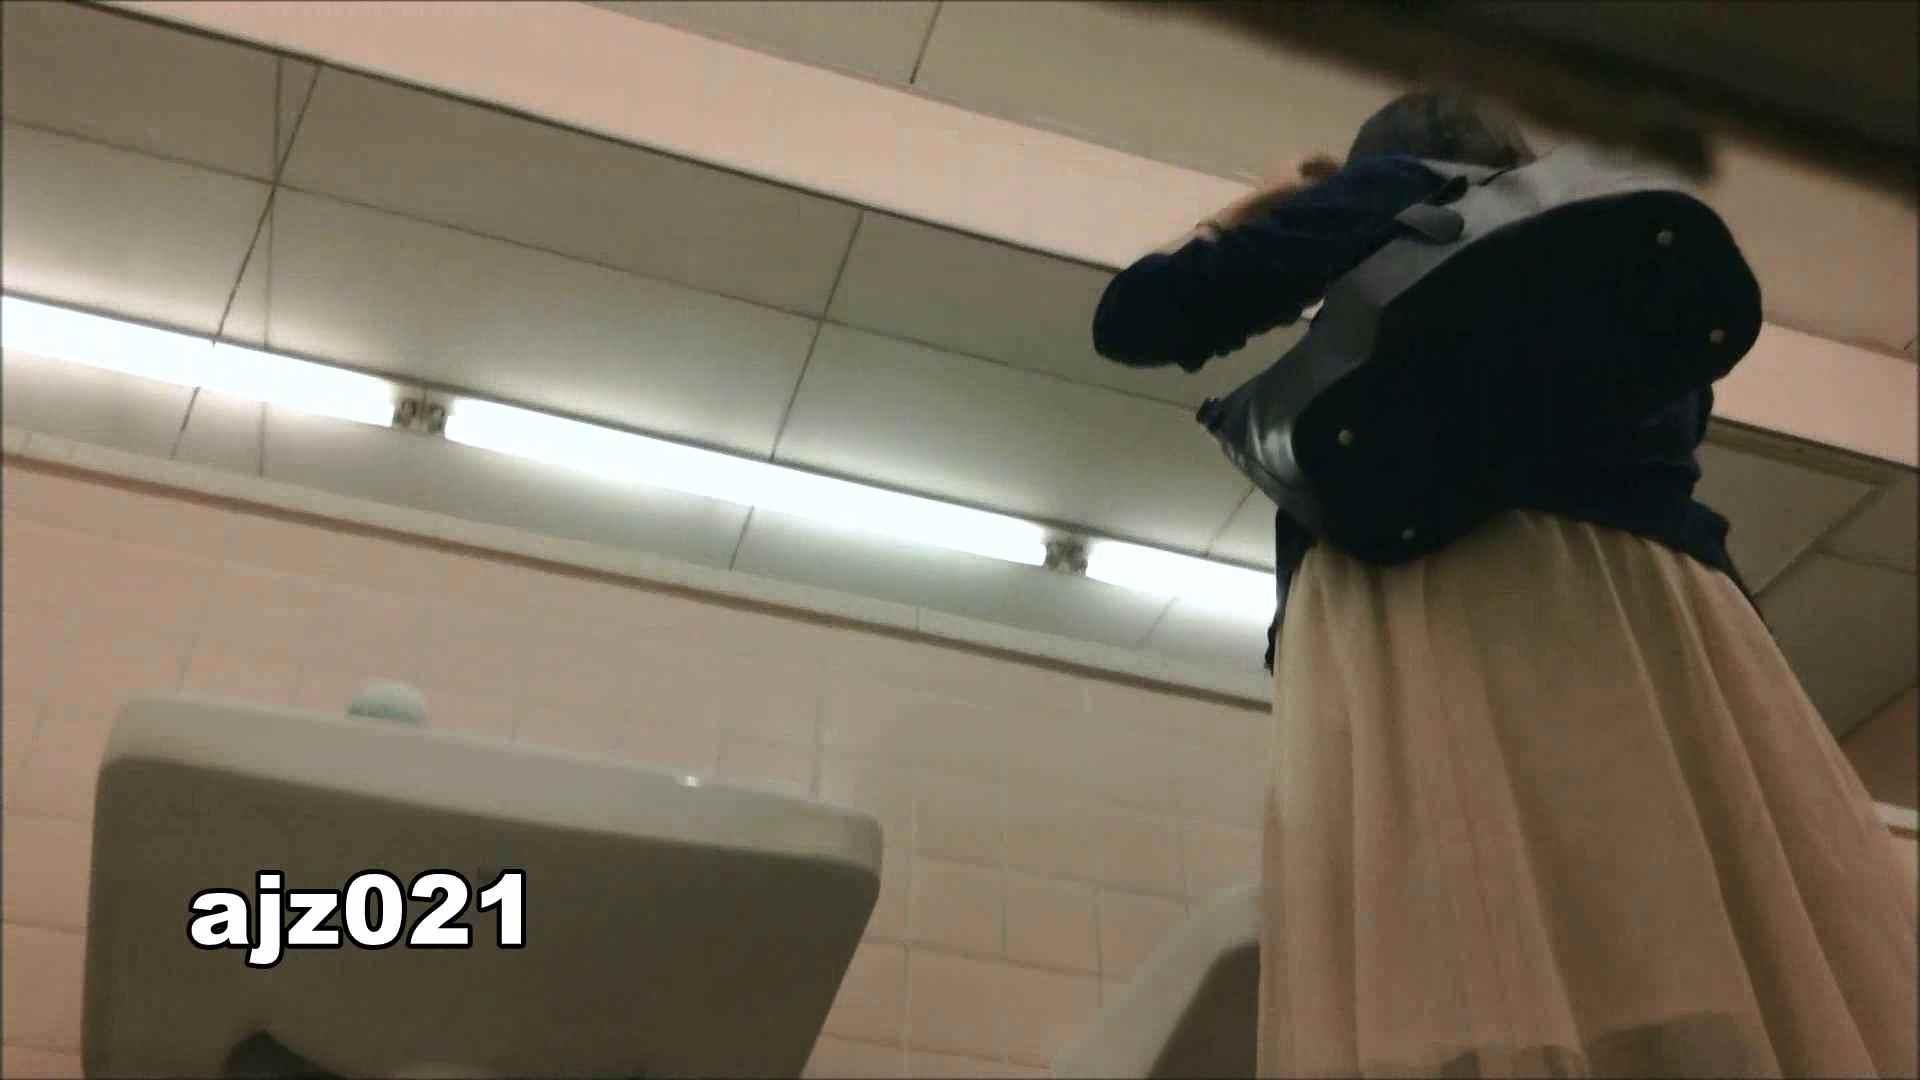 某有名大学女性洗面所 vol.21 排泄 おまんこ動画流出 92枚 23